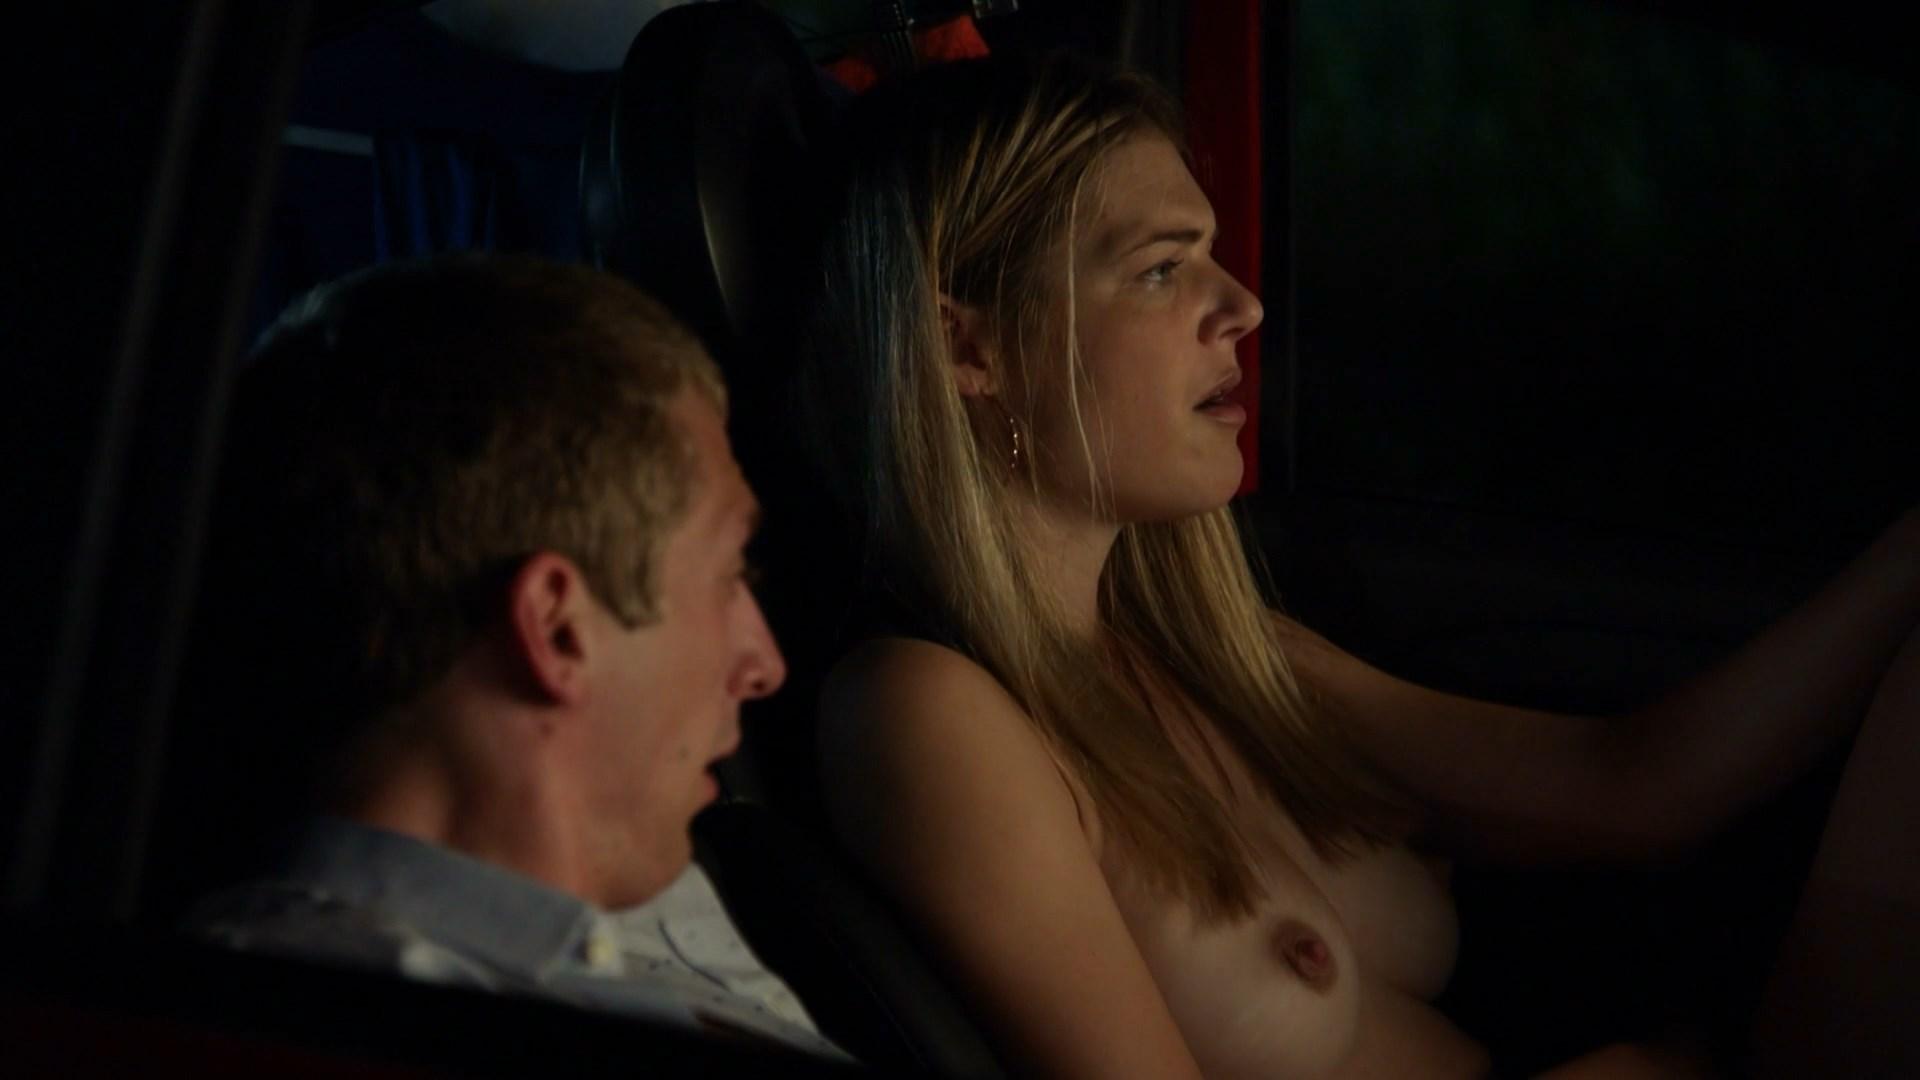 Shameless s09e07 (2018) – Kate Miner Nude Scene Video